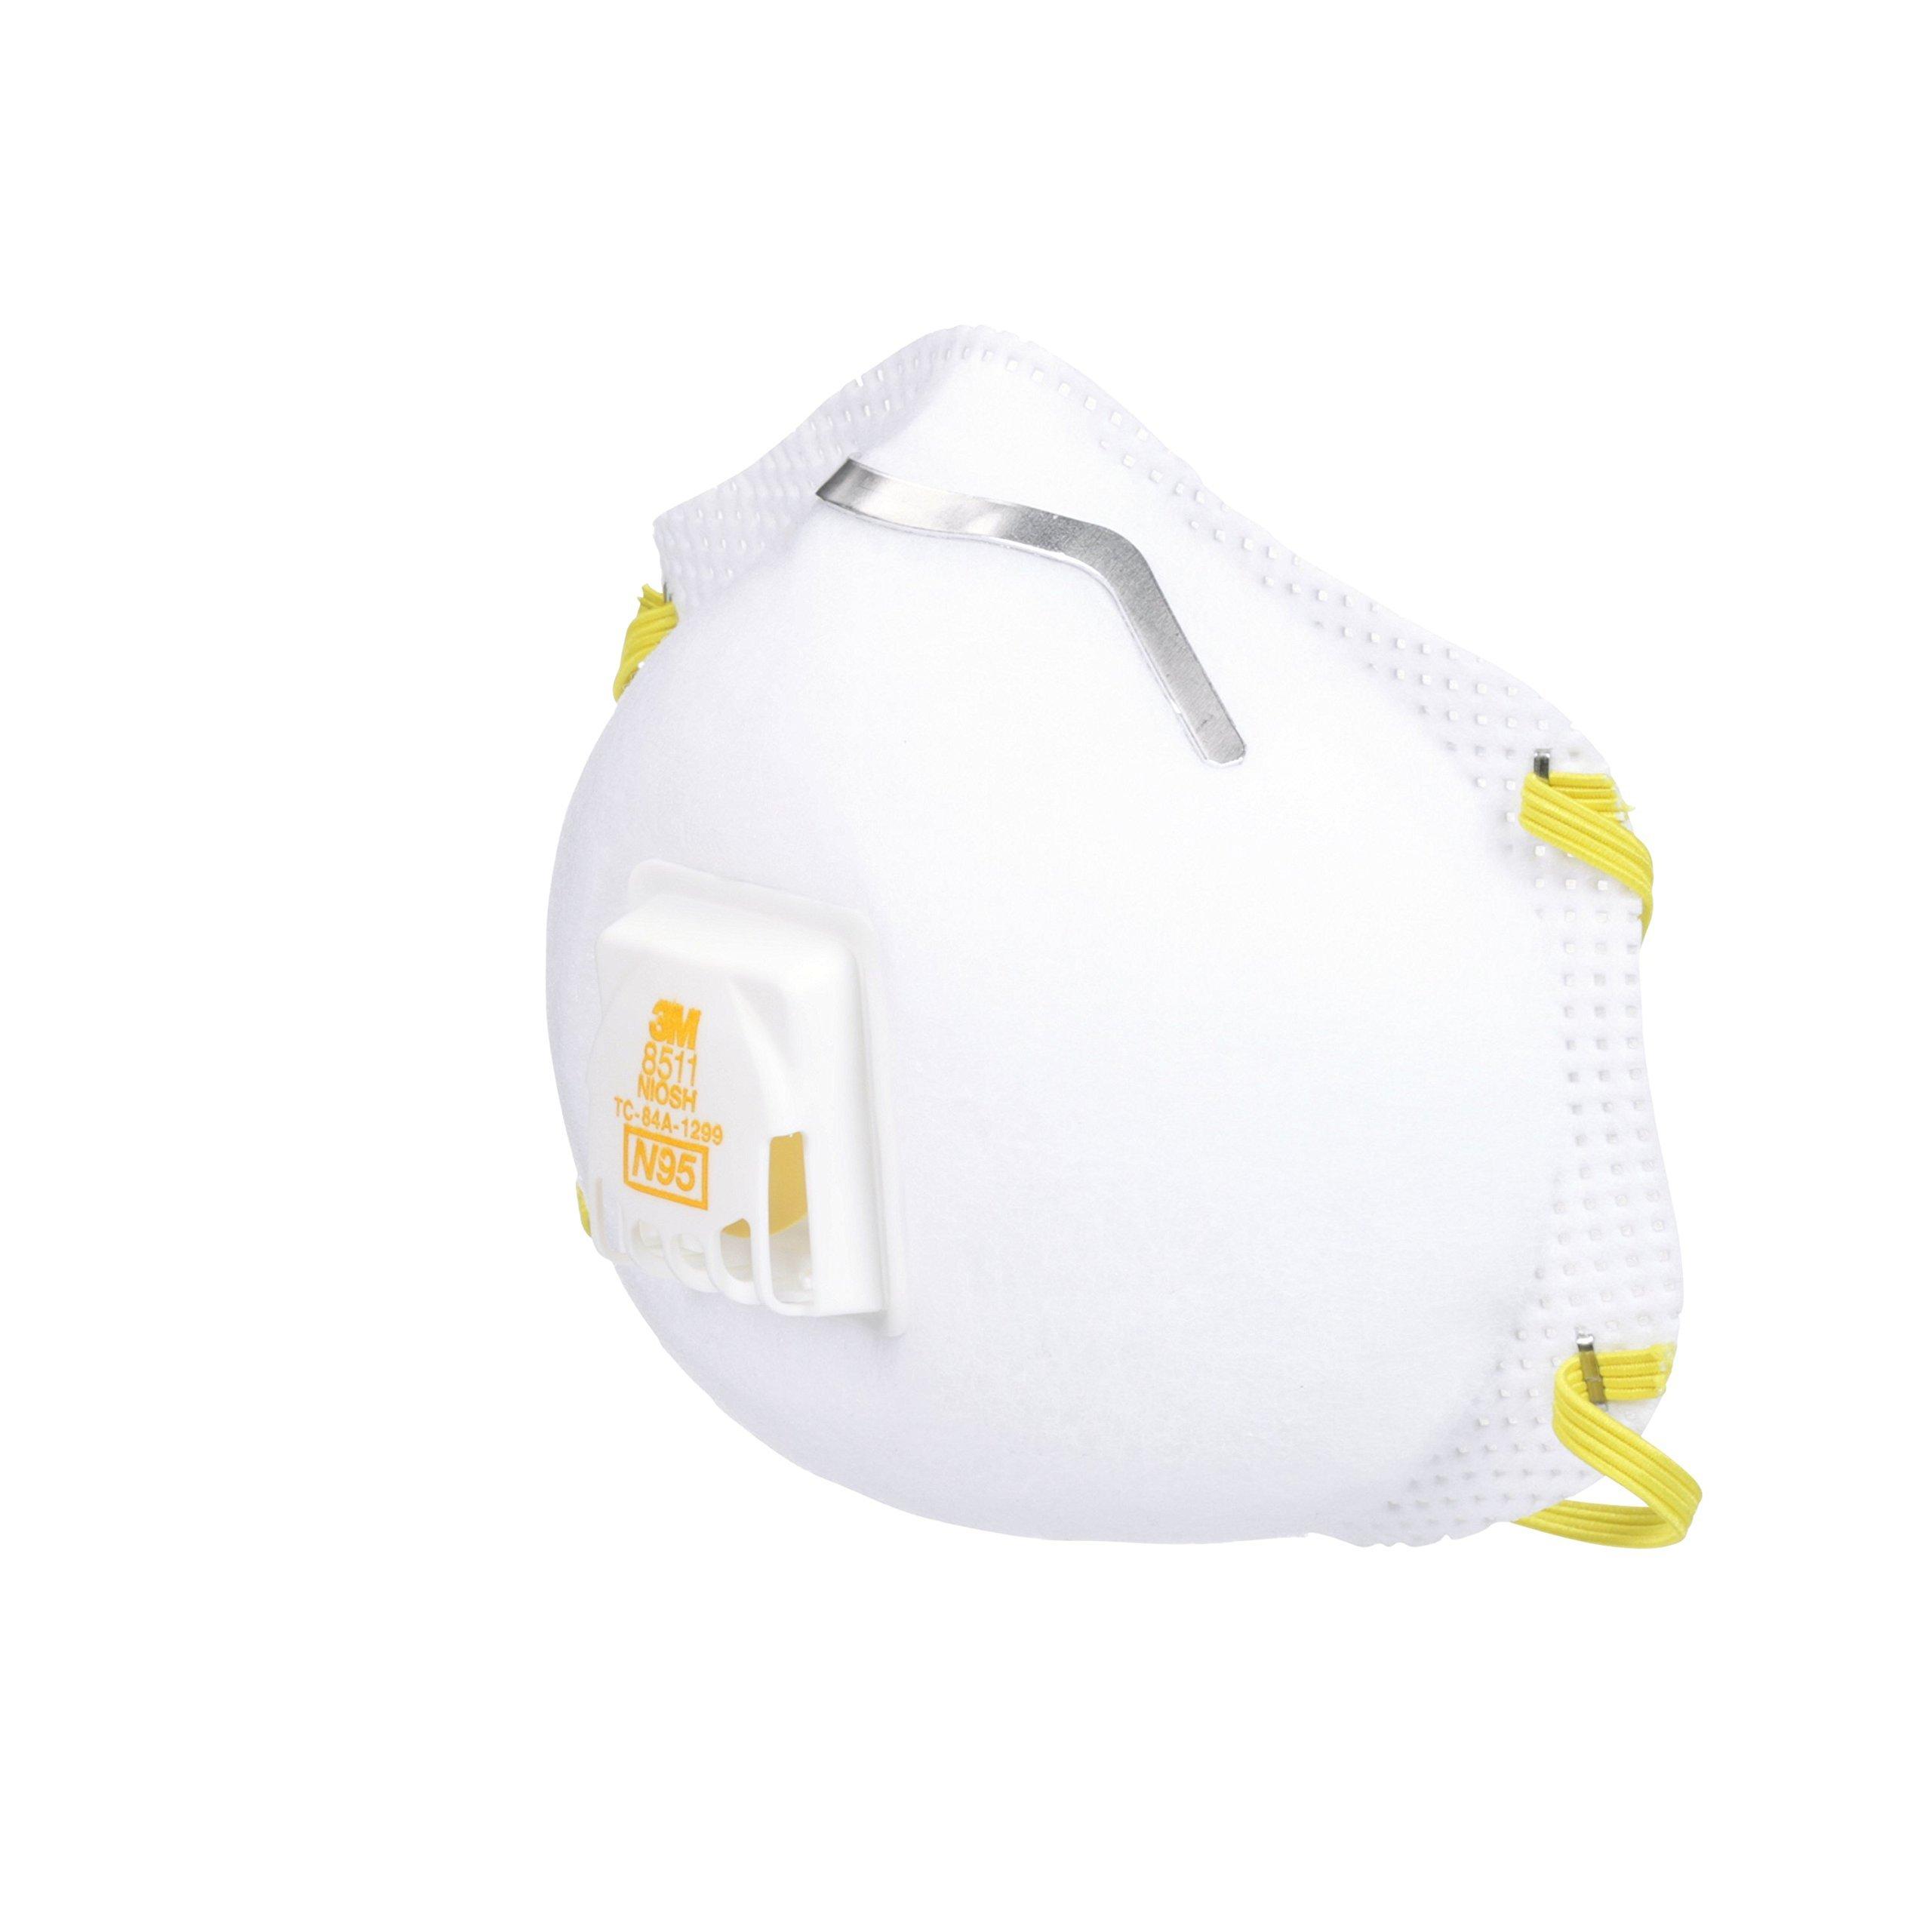 3m 8511 respirator n95 cool flow valve (10-pack) uk